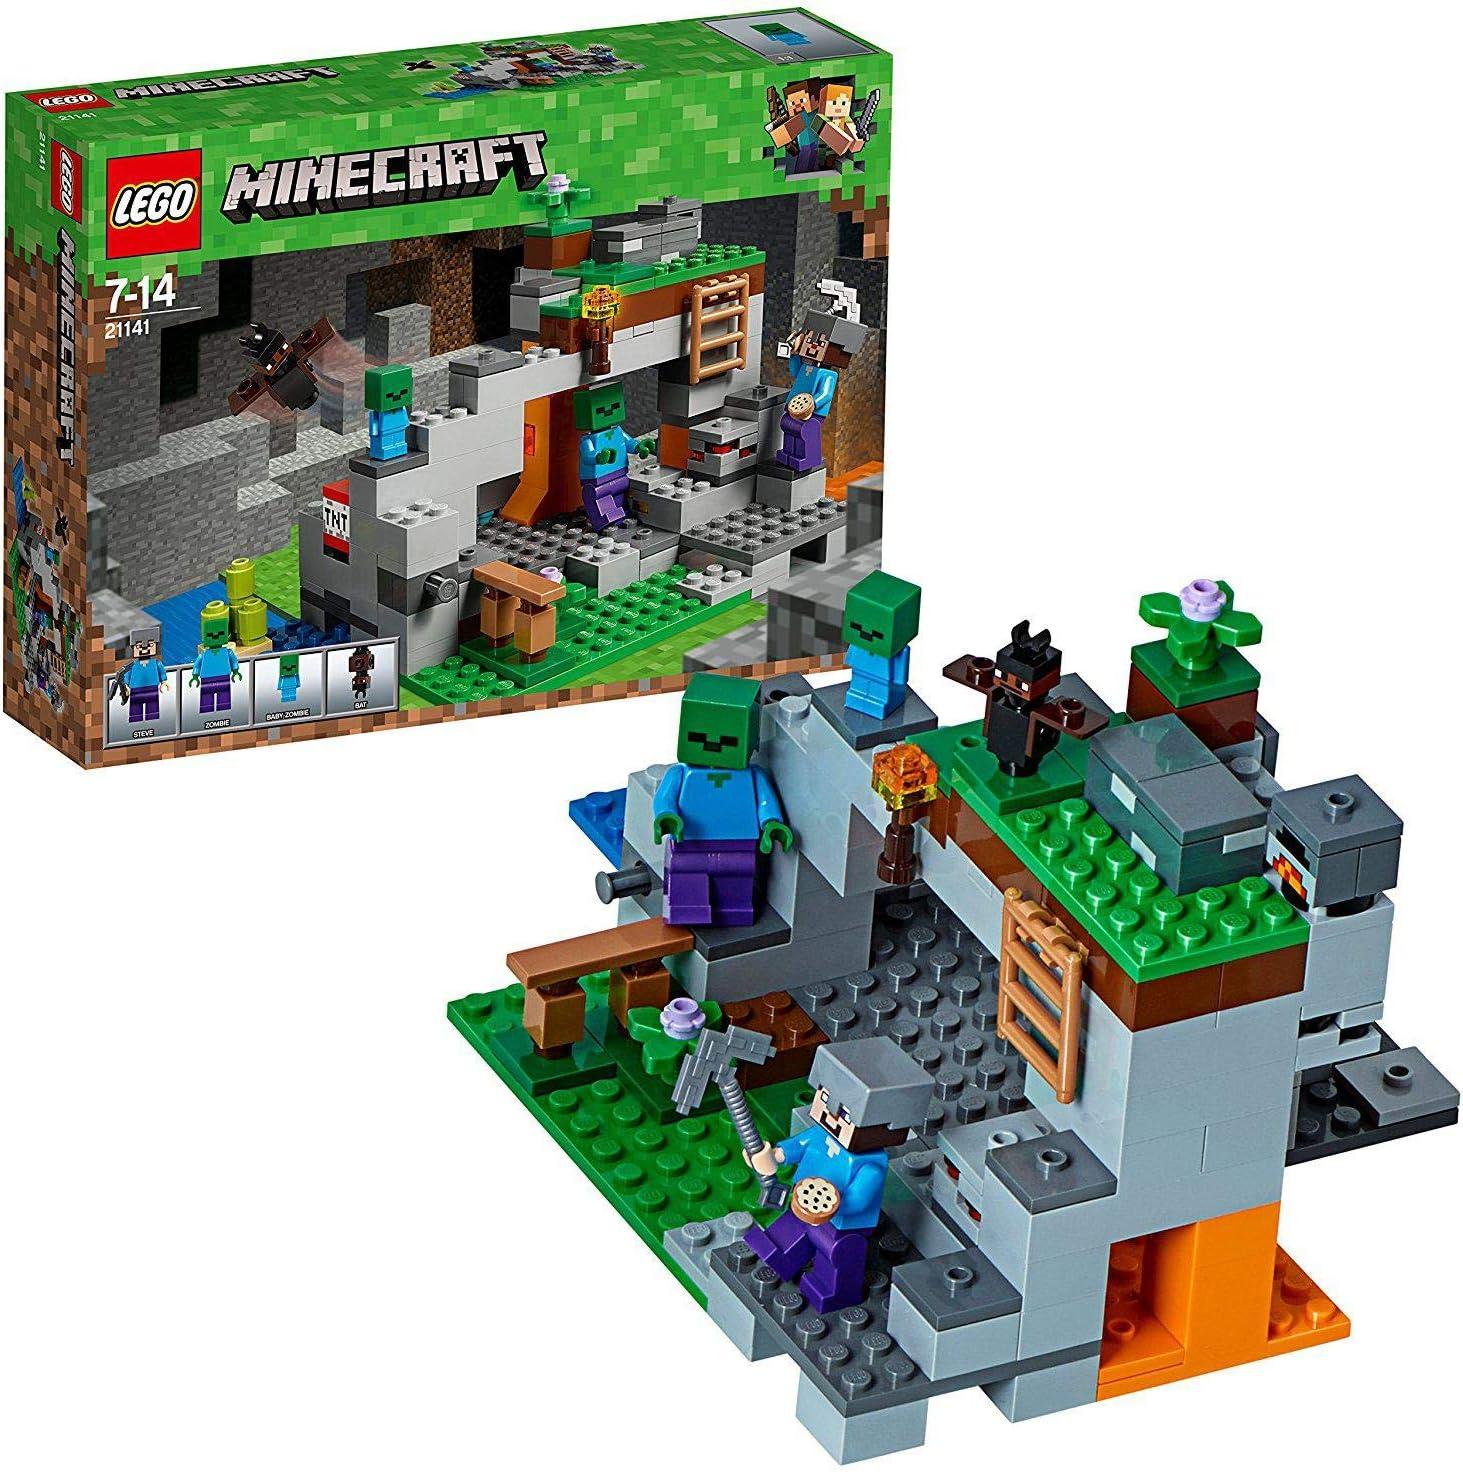 LEGO Minecraft - La Cueva de los Zombis, Juguete de Construcción Inspirado en el Videojuego, Incluye Personajes como Steve y un Zombie, Set a partir de 7 años (21141): Amazon.es: Juguetes y juegos